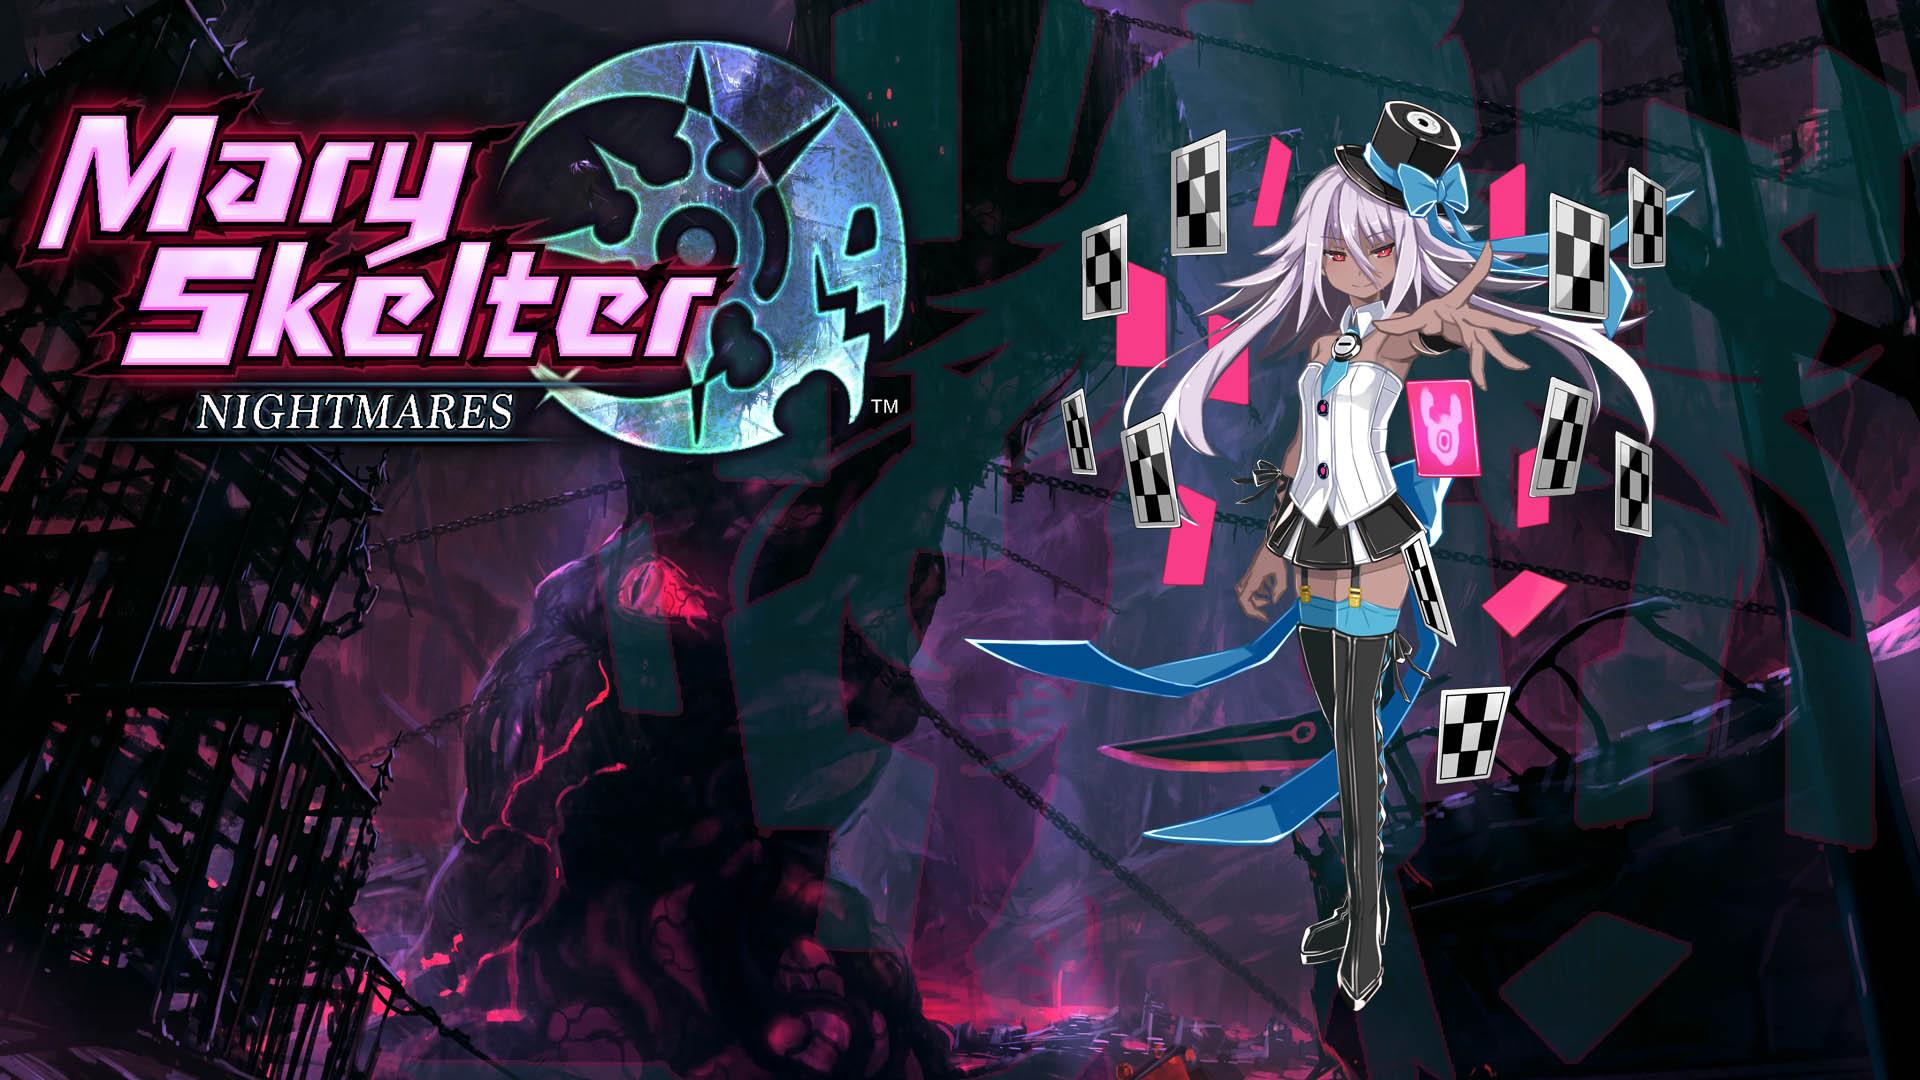 Mary Skelter Nightmares Wallpaper 004 Hameln